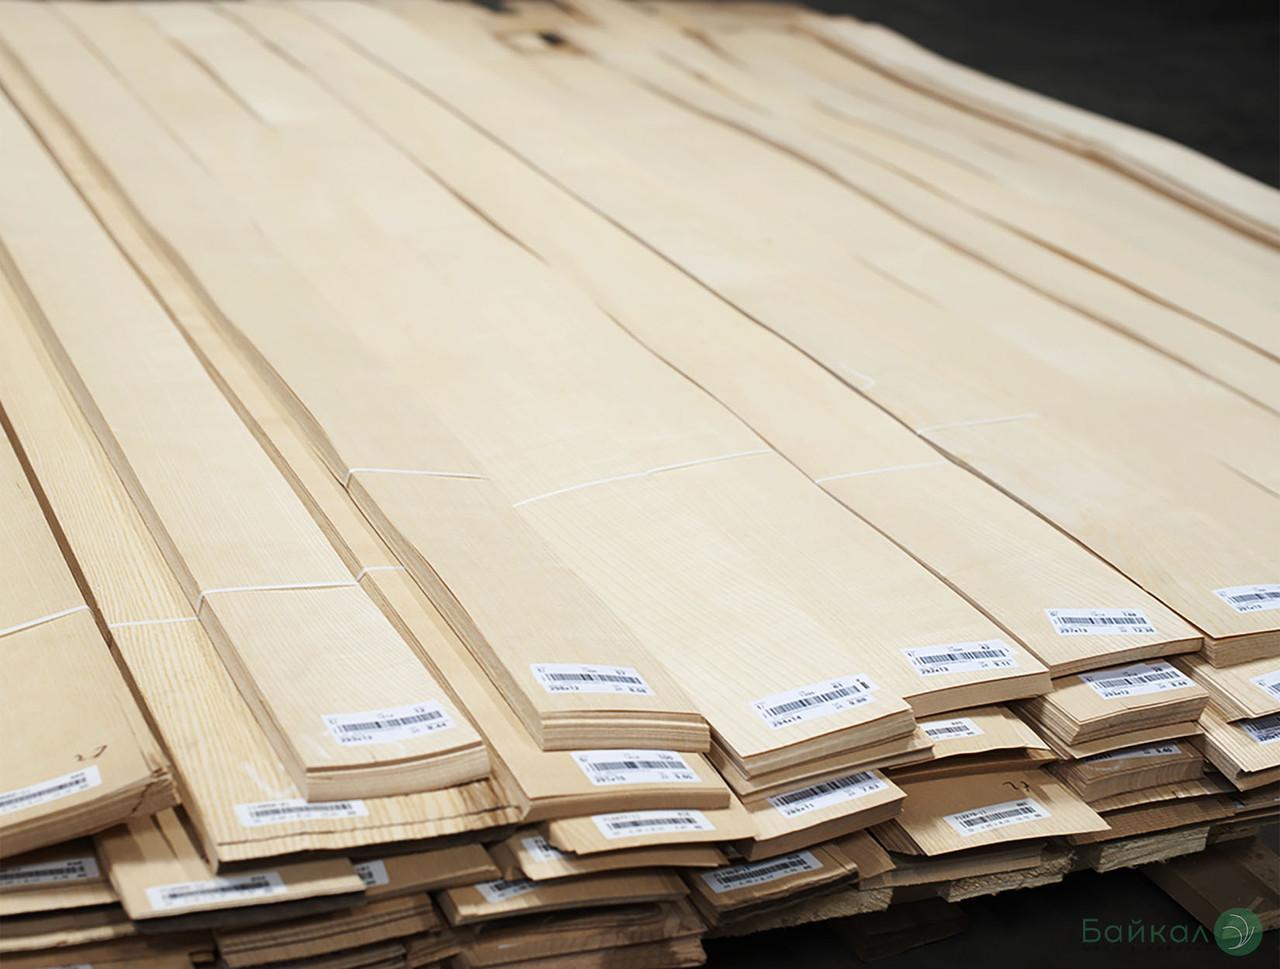 Шпон Ясень Белый Европейский - 0,6 мм I сорт - длина от 1.0 м до 2.0 м / ширина от 10 см+